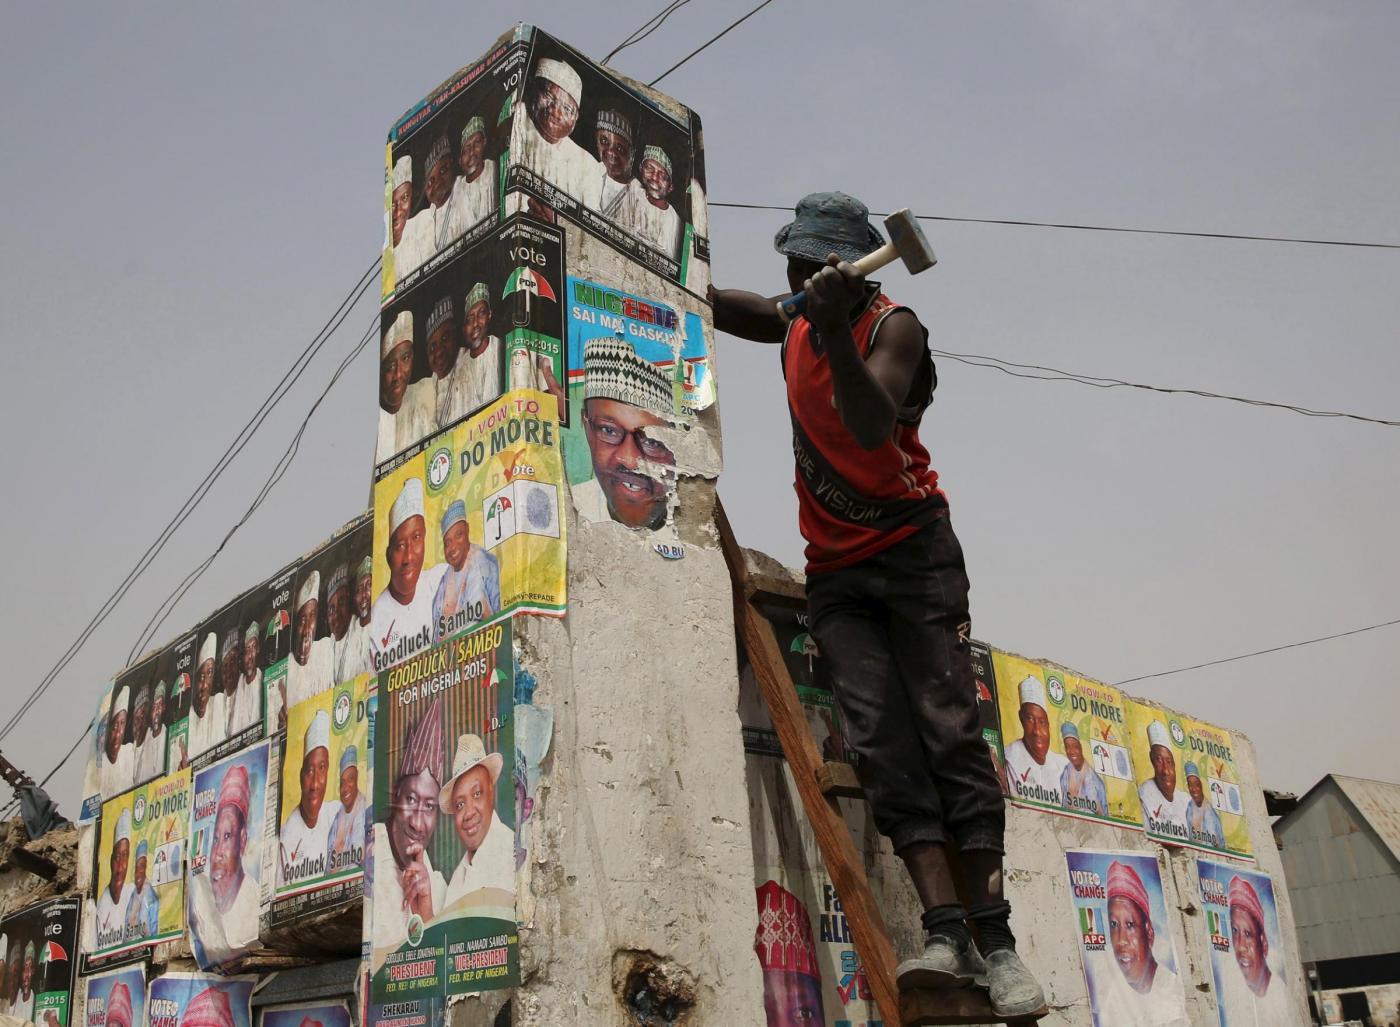 Elezioni in Nigeria, paura per attacchi terroristici di Boko Haram: due morti